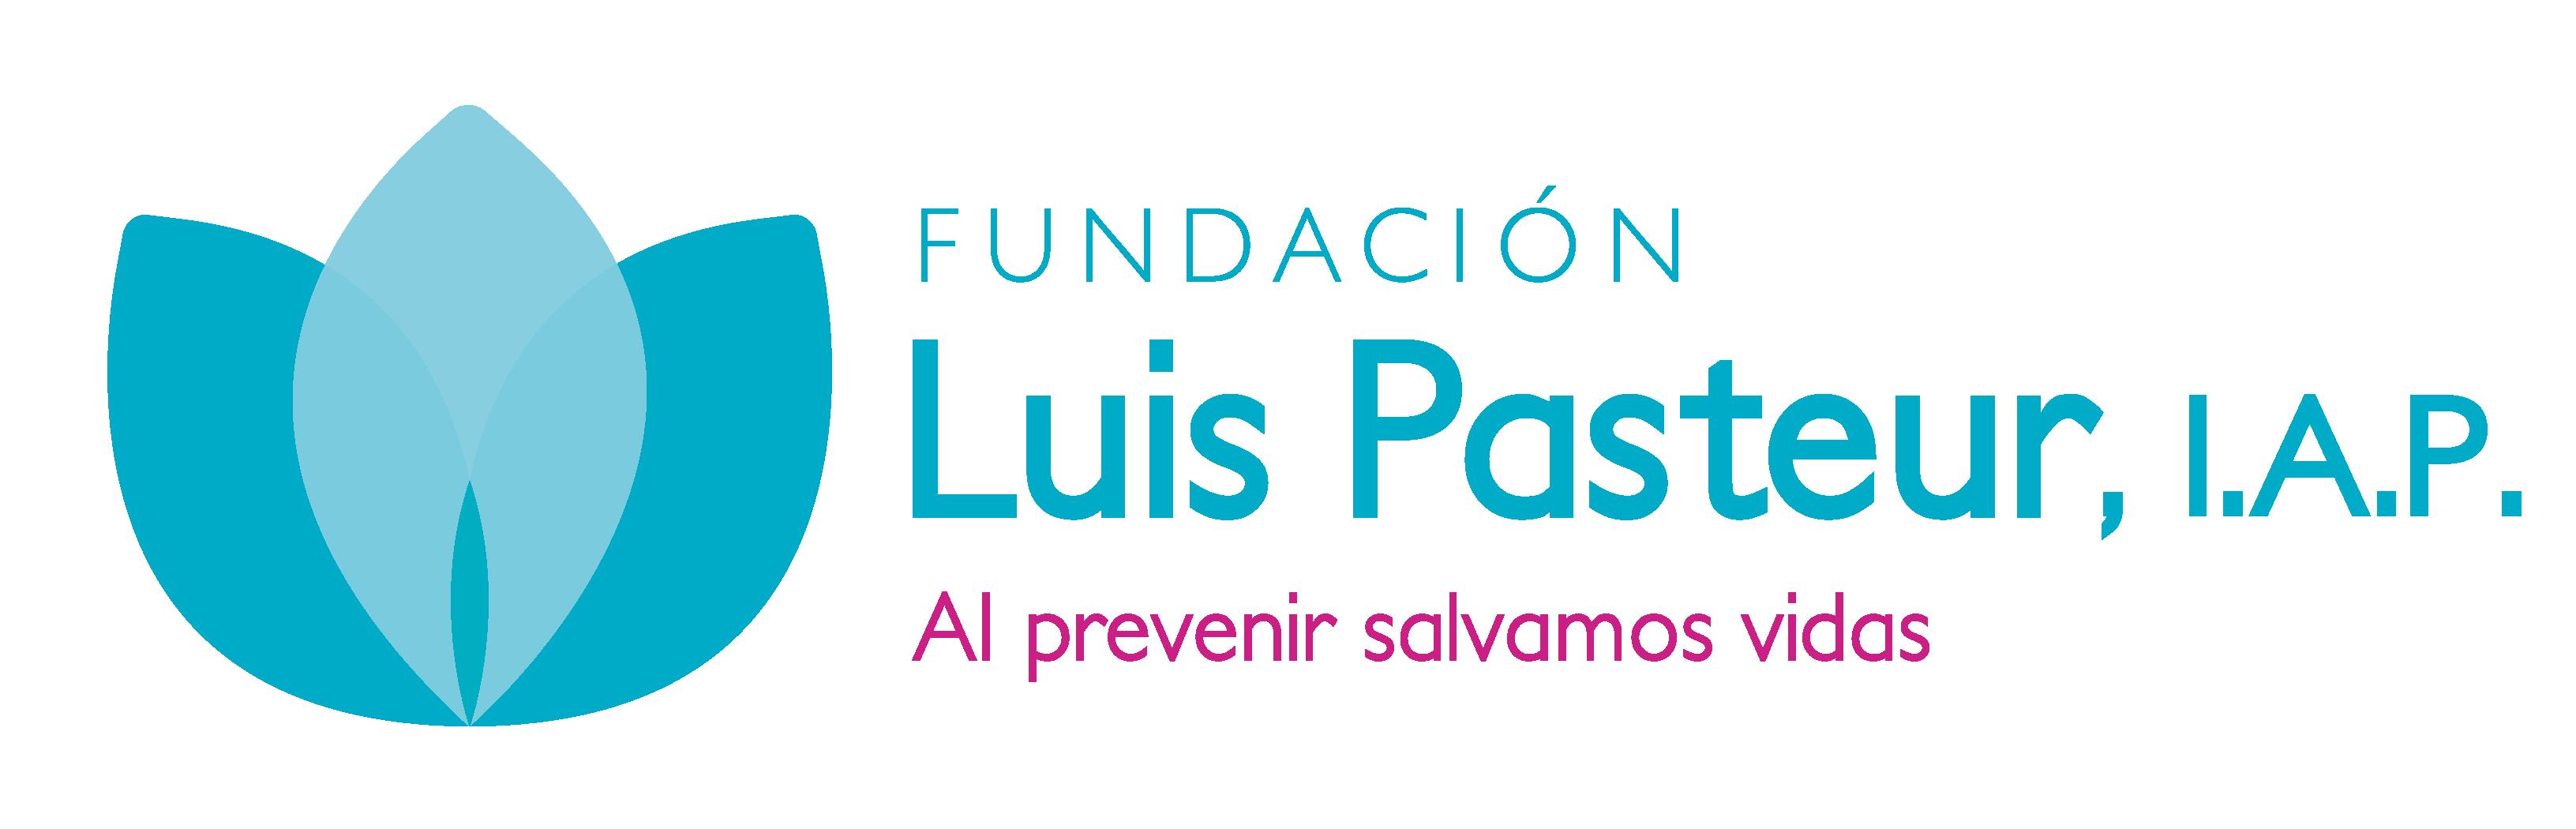 Fundación Luis Pasteur